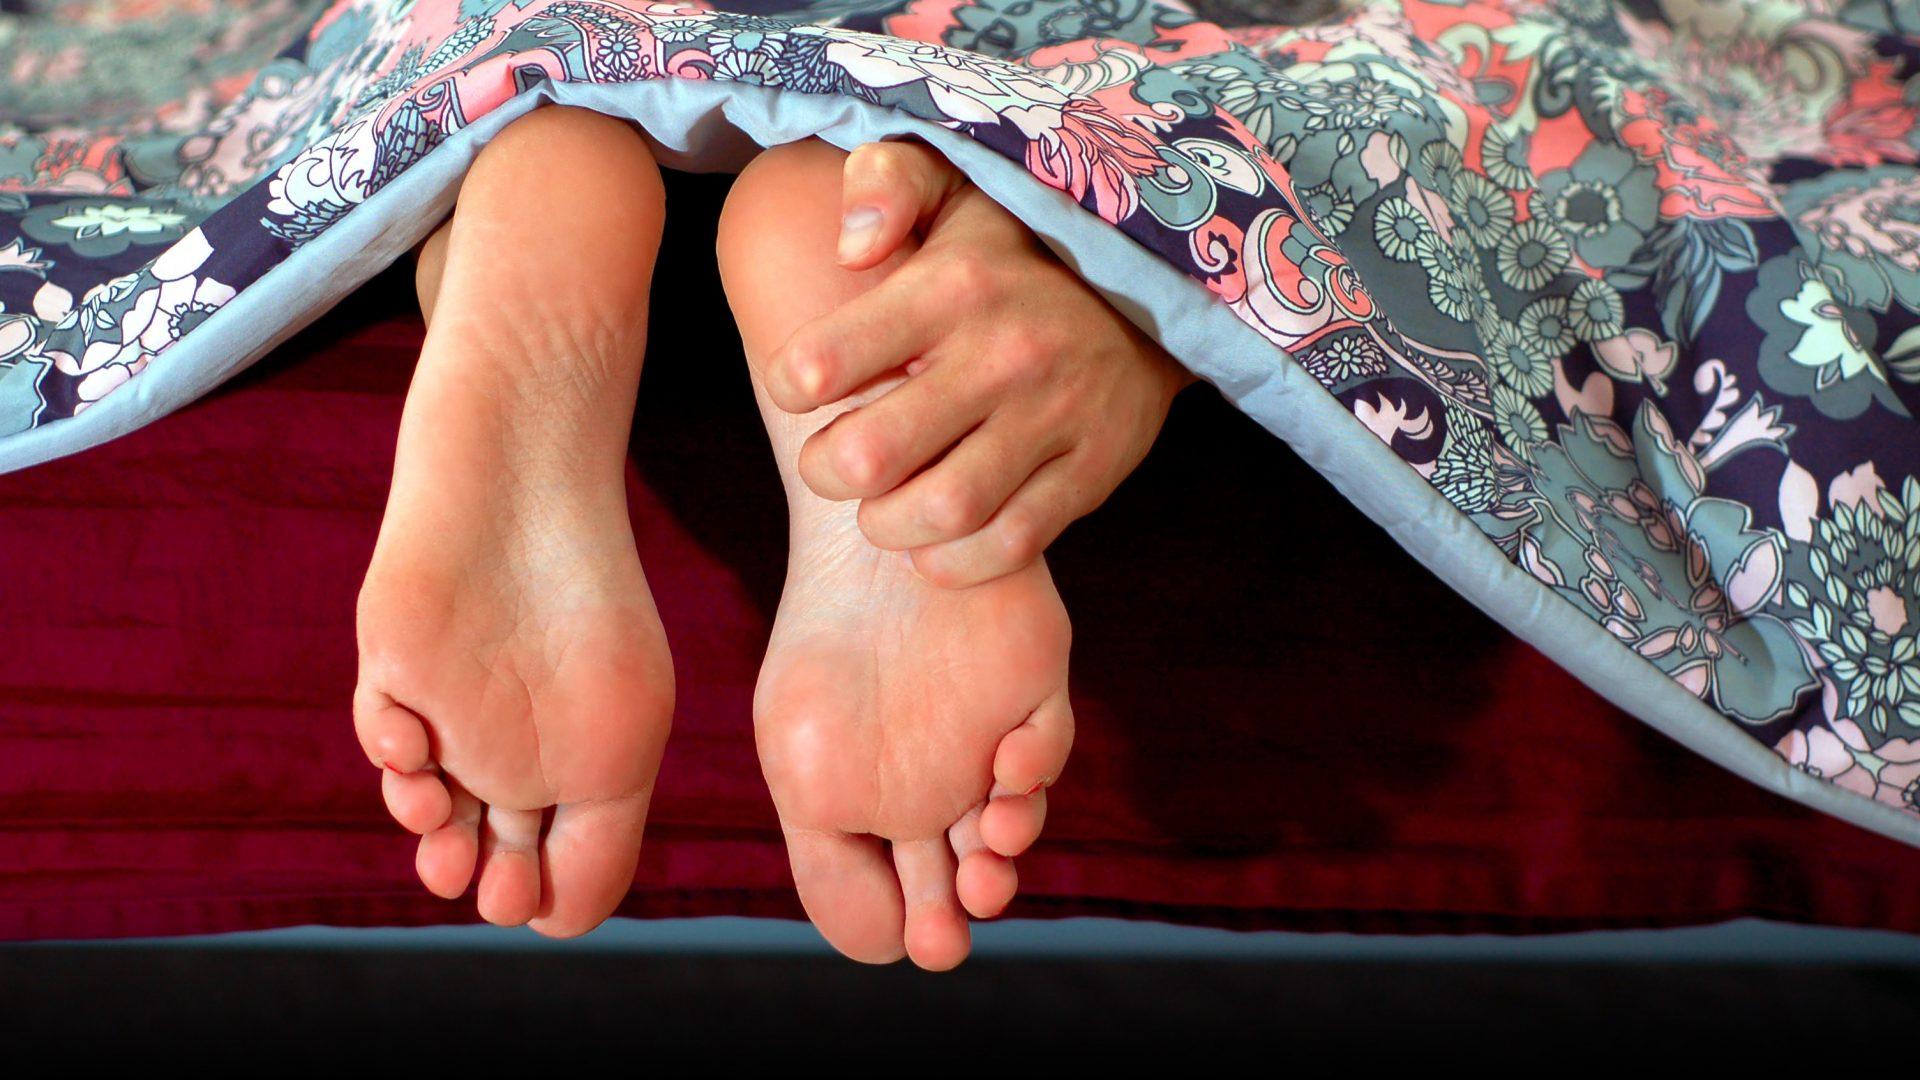 Bettwanzen erkennen, Bettwanze, Menschen, Insekten, Bettwanze.